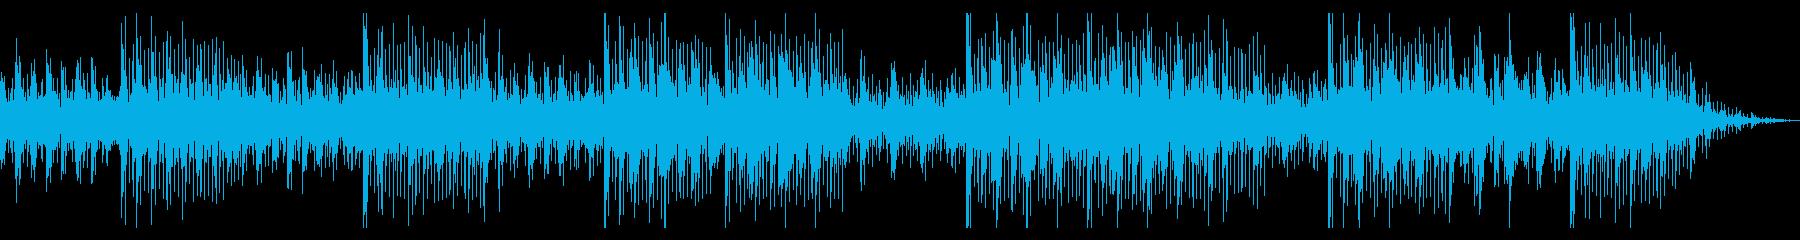 爽やかなディスコハウス風BGMの再生済みの波形